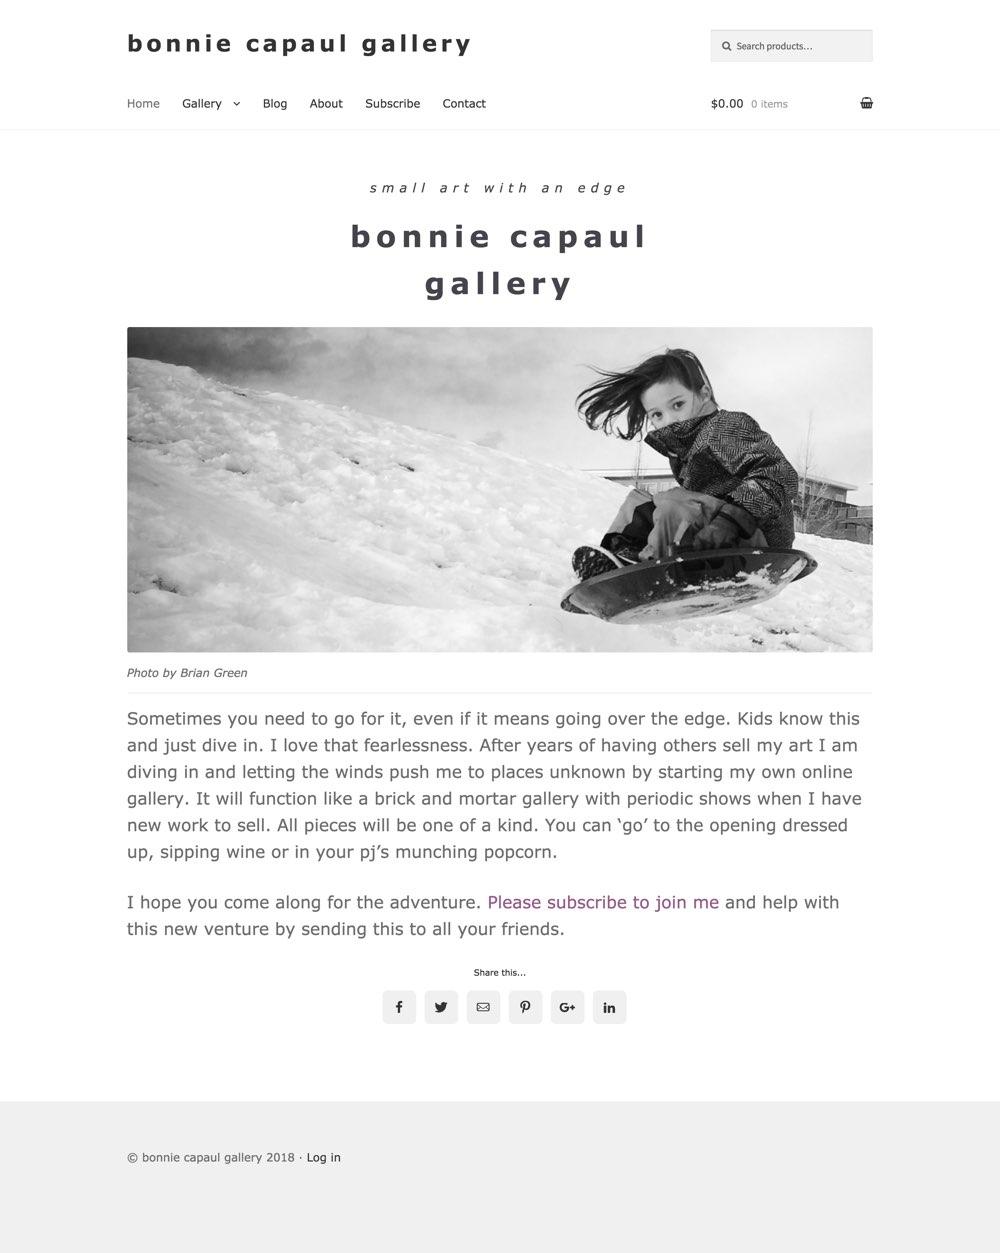 Bonnie Capaul Gallery